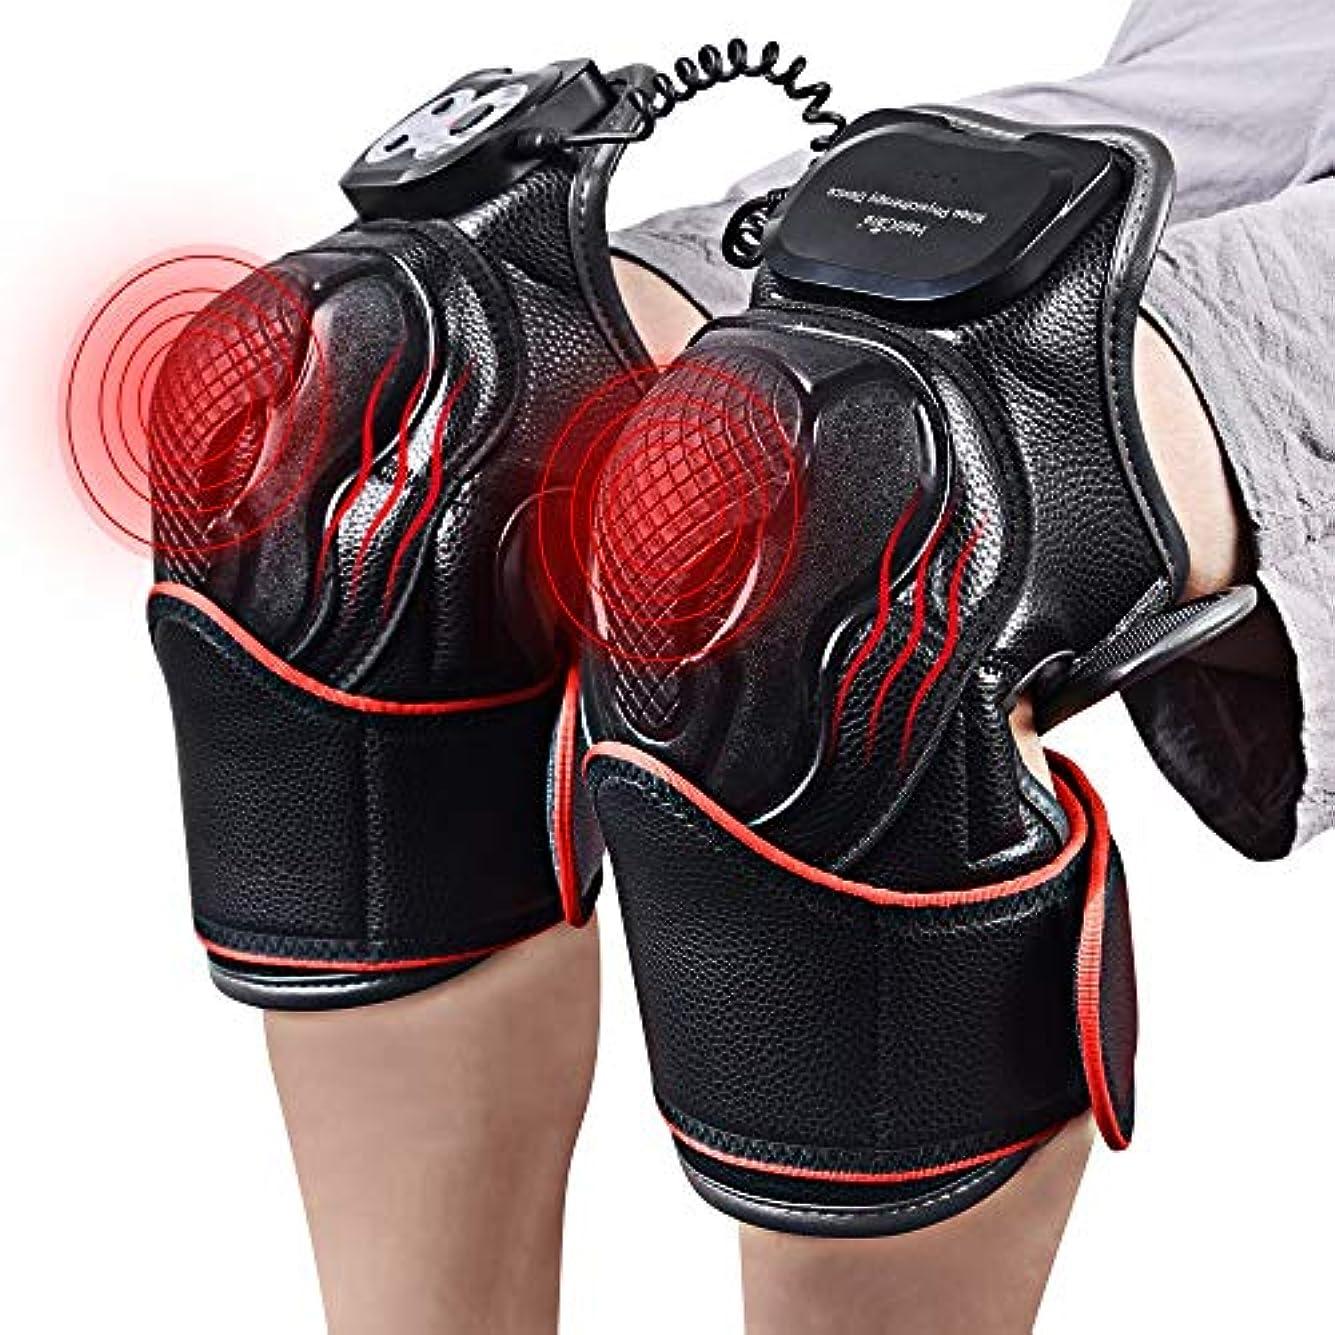 彼女のアンソロジー方程式LLYU 膝磁気振動暖房マッサージジョイント理学療法マッサージ電気マッサージ痛み緩和リハビリ機器ケア